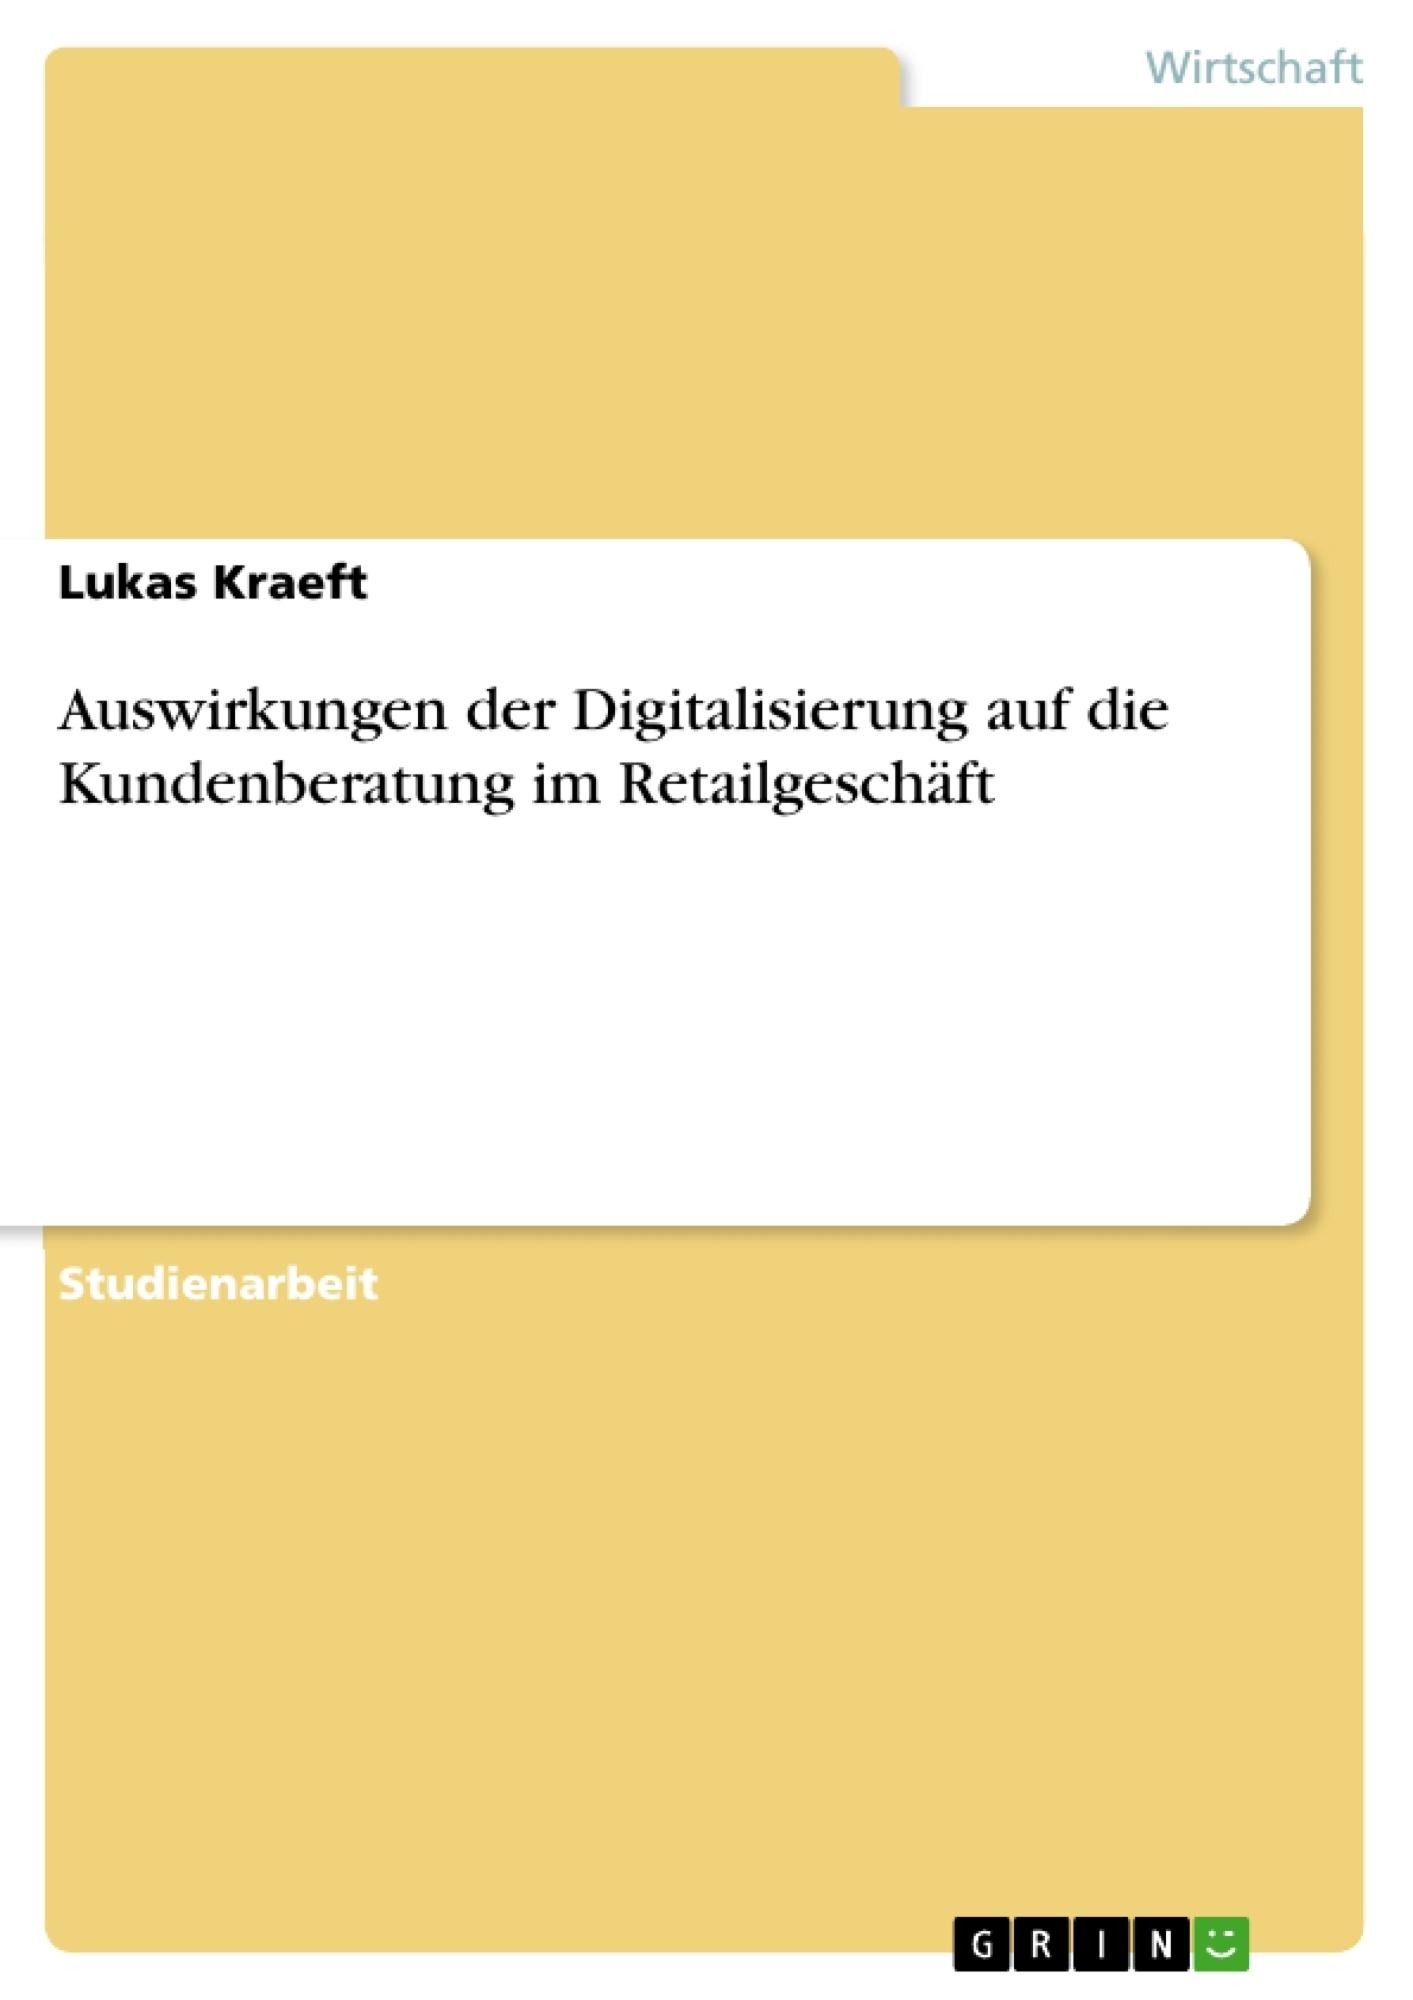 Titel: Auswirkungen der Digitalisierung auf die Kundenberatung im Retailgeschäft